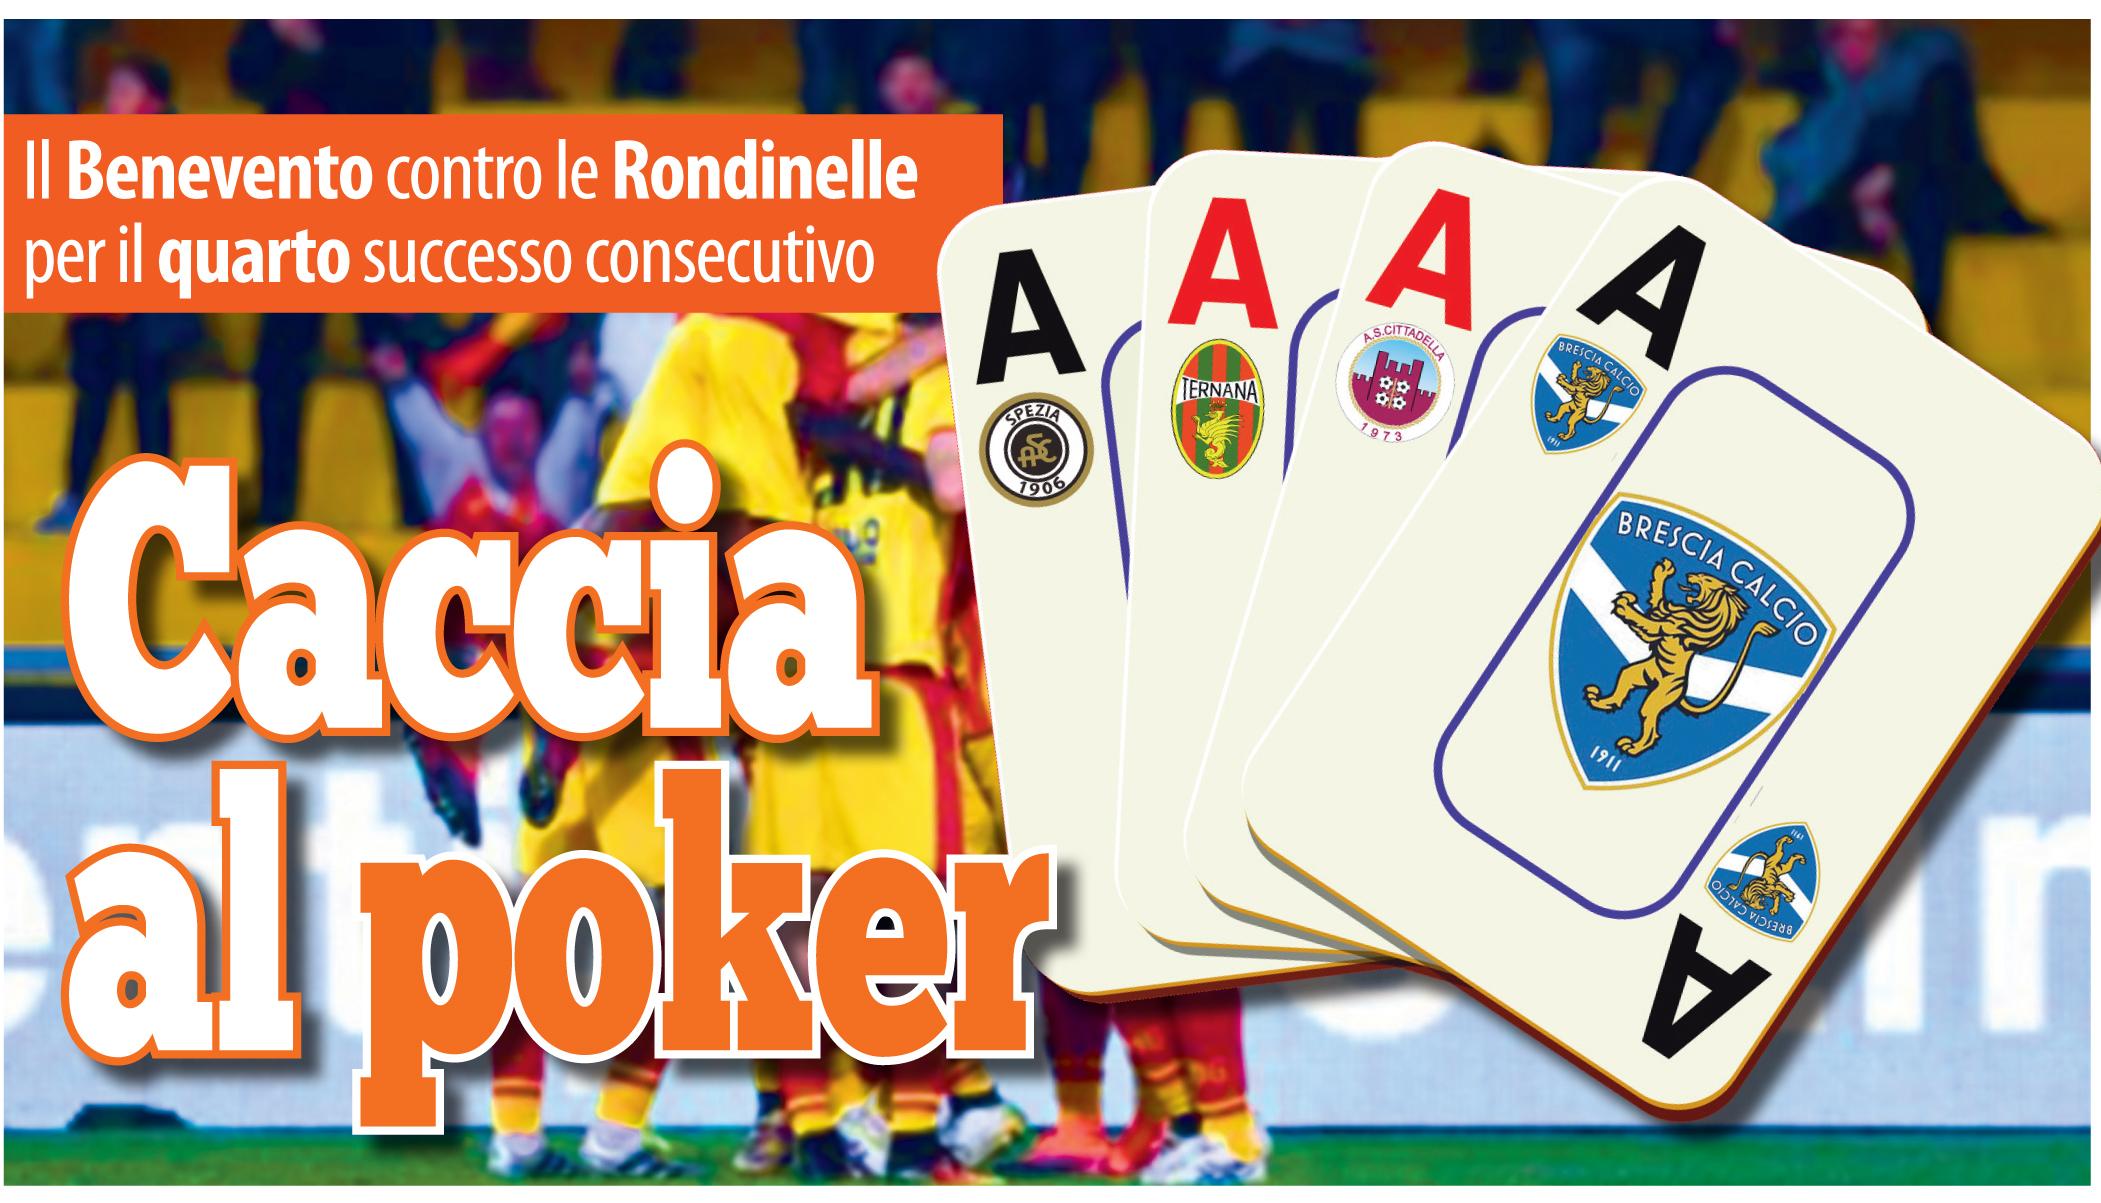 Caccia al poker